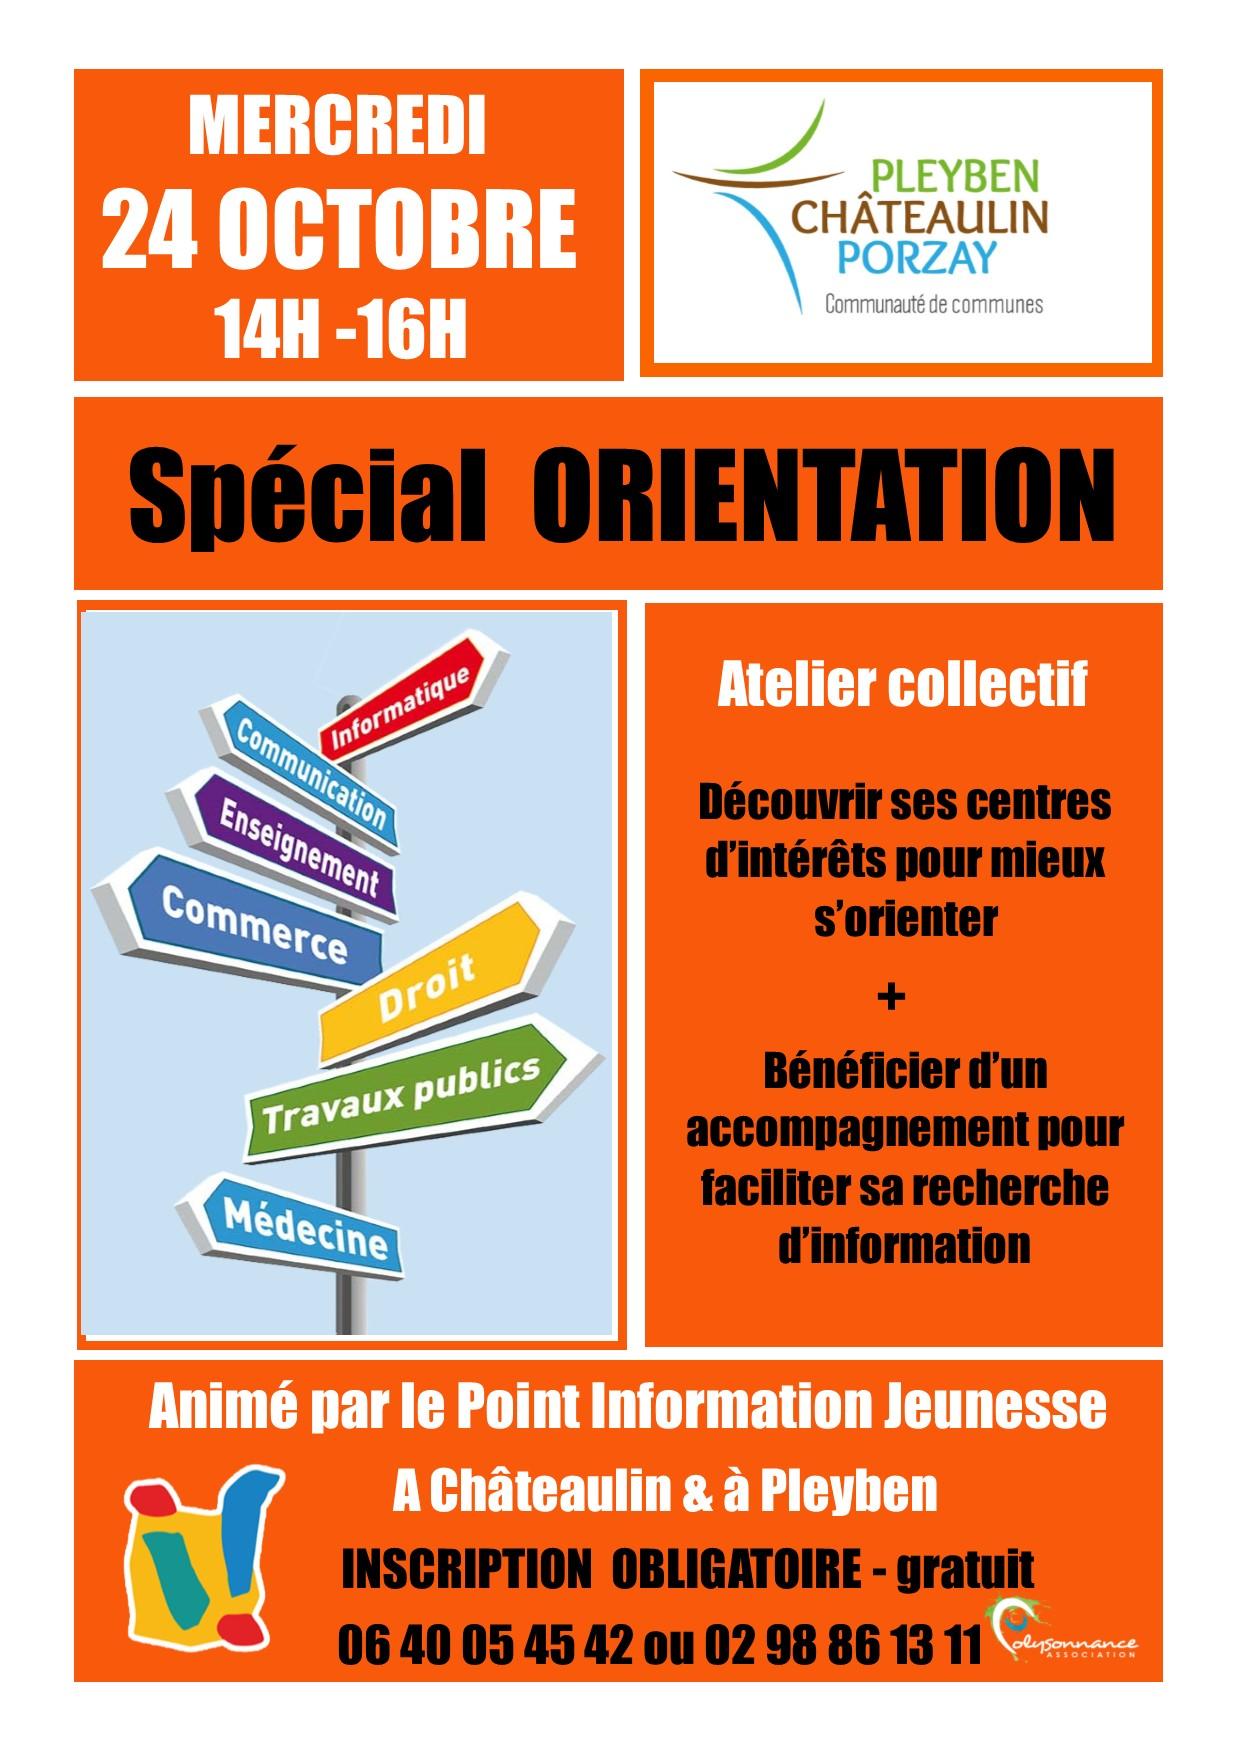 Atelier Spécial ORIENTATION – Mercredi 24 octobre – 14h-16h à Pleyben & Châteaulin